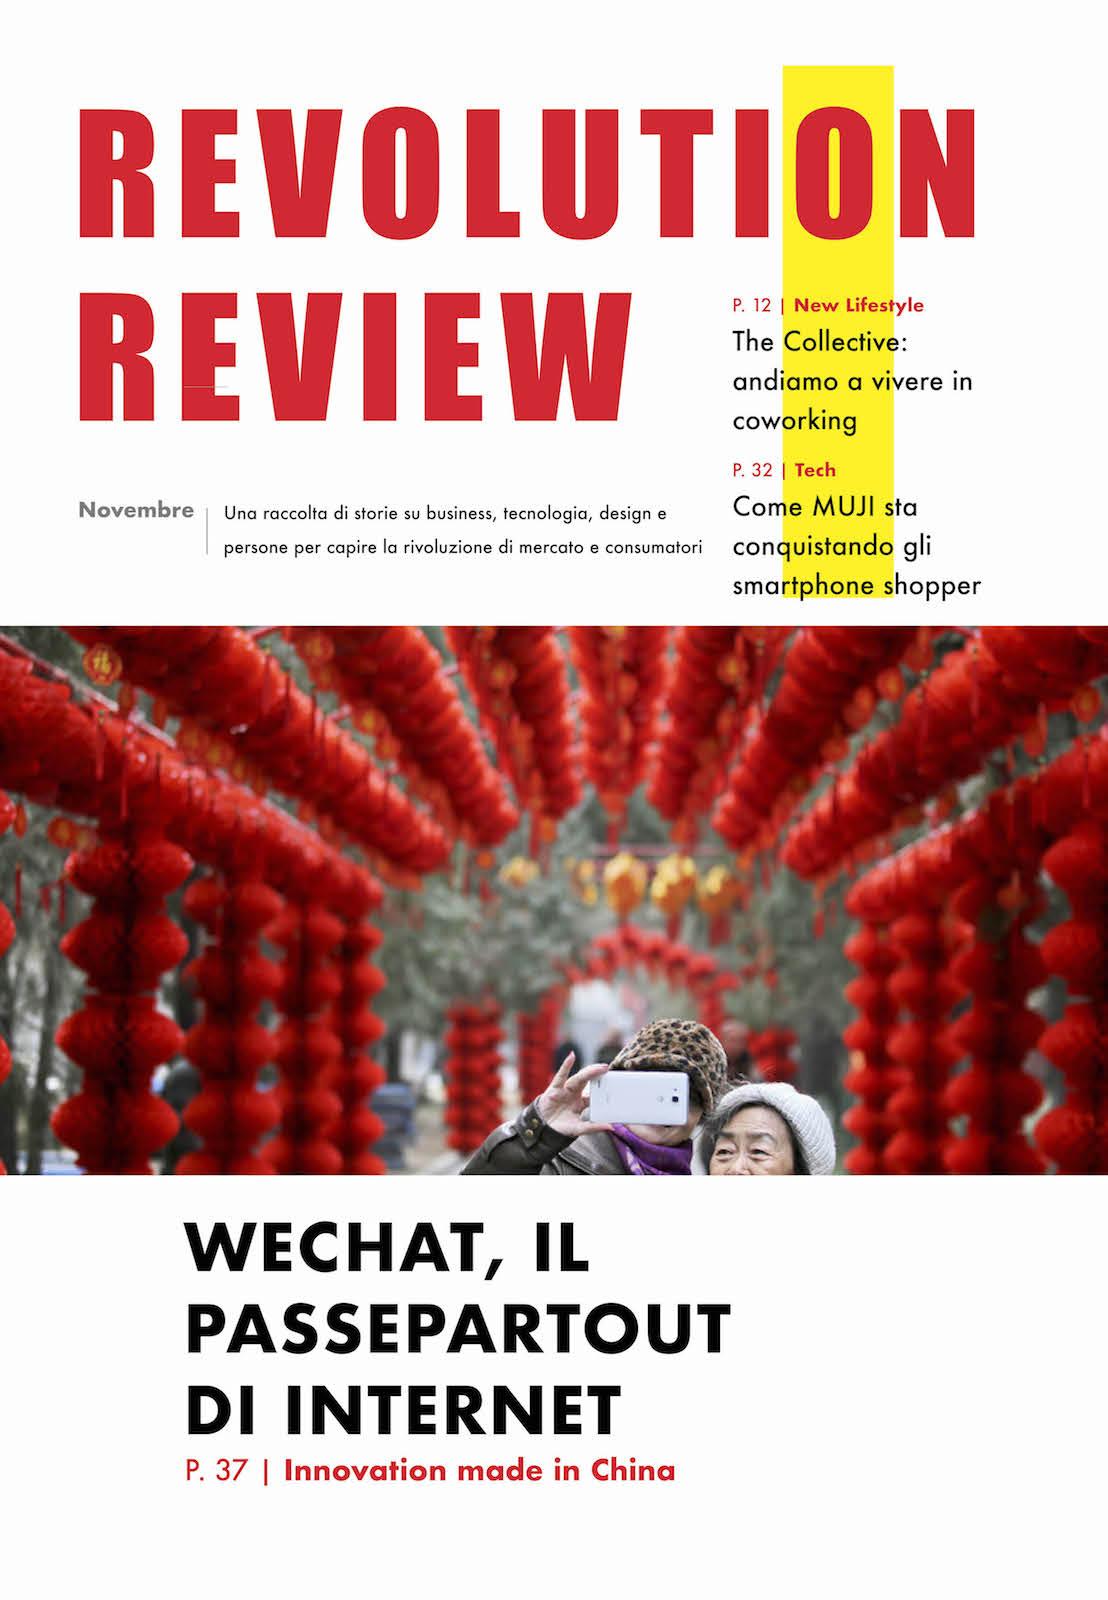 Preview copertina copia (1).jpg